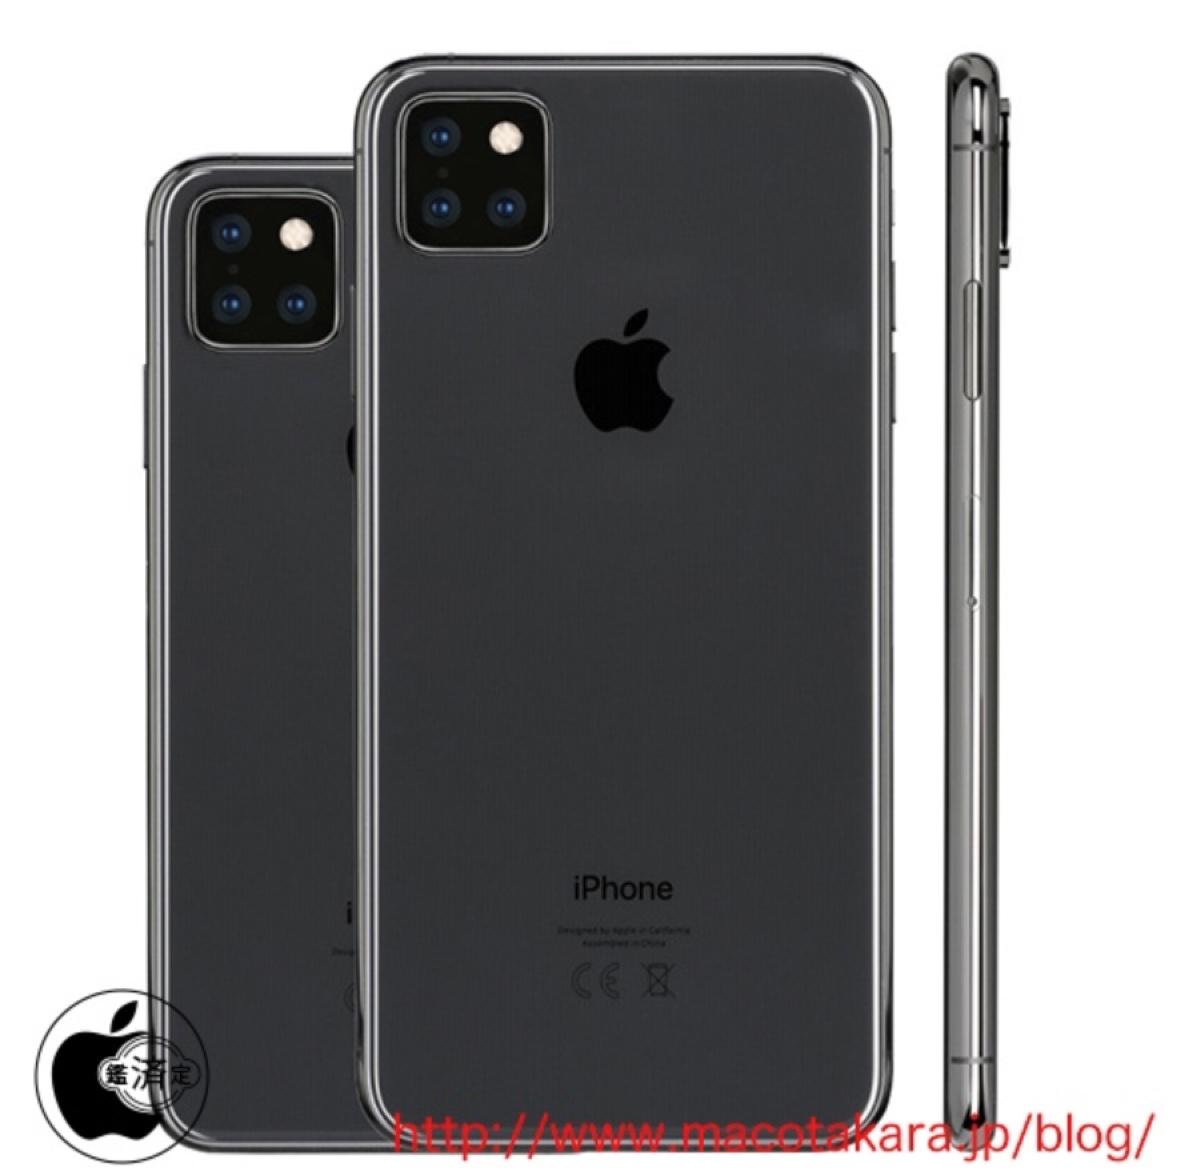 iPhone 11 con tre fotocamere avrà una sporgenza quadrata sul retro